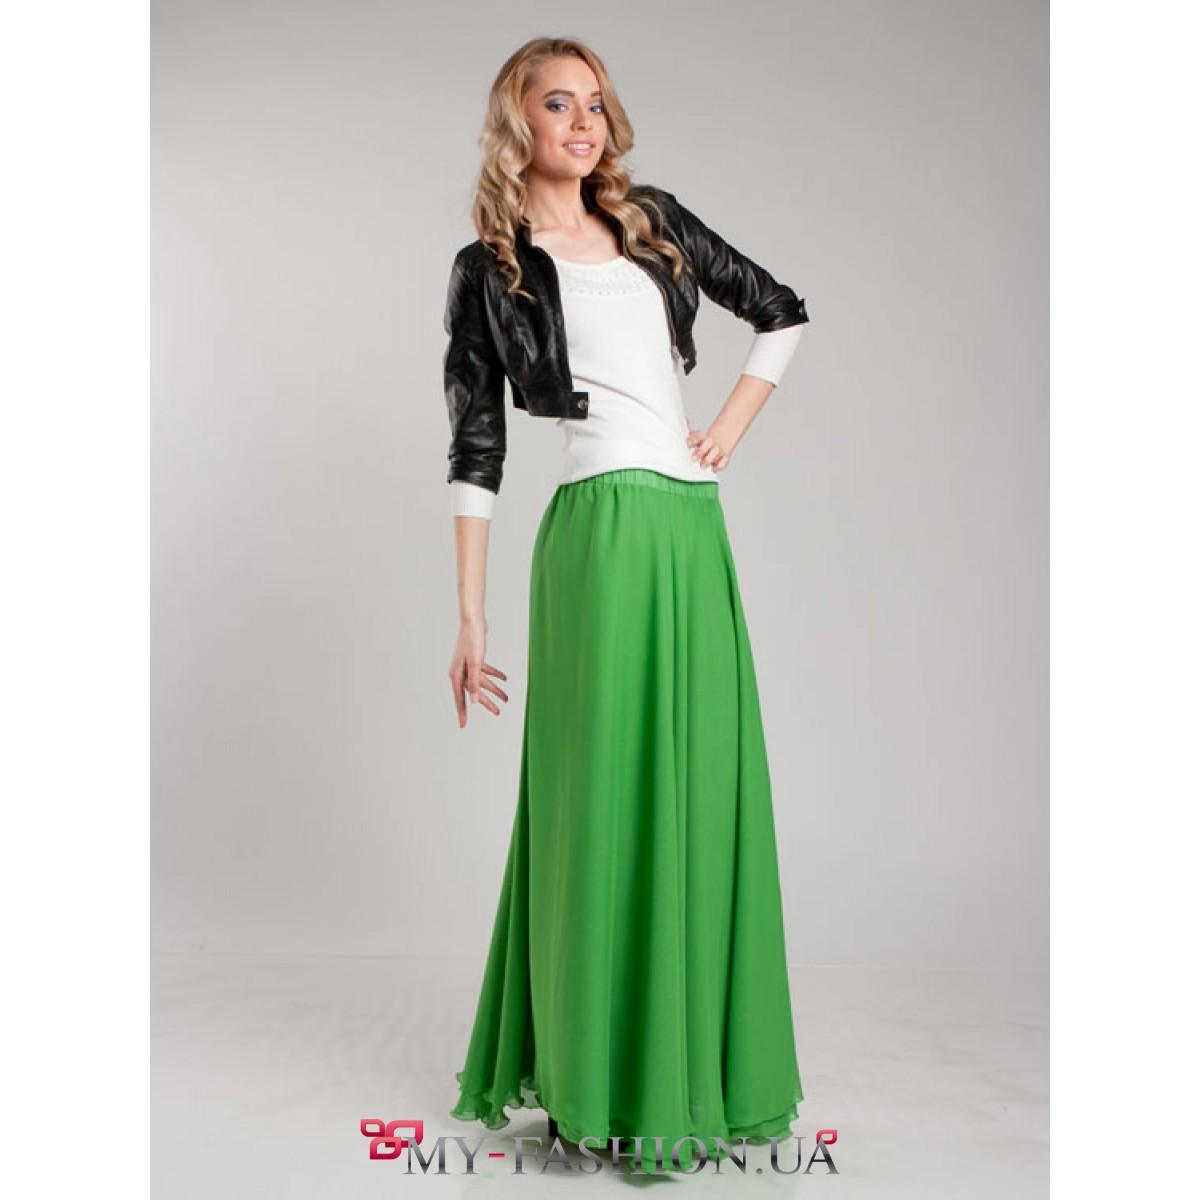 Купить зеленую длинную юбку